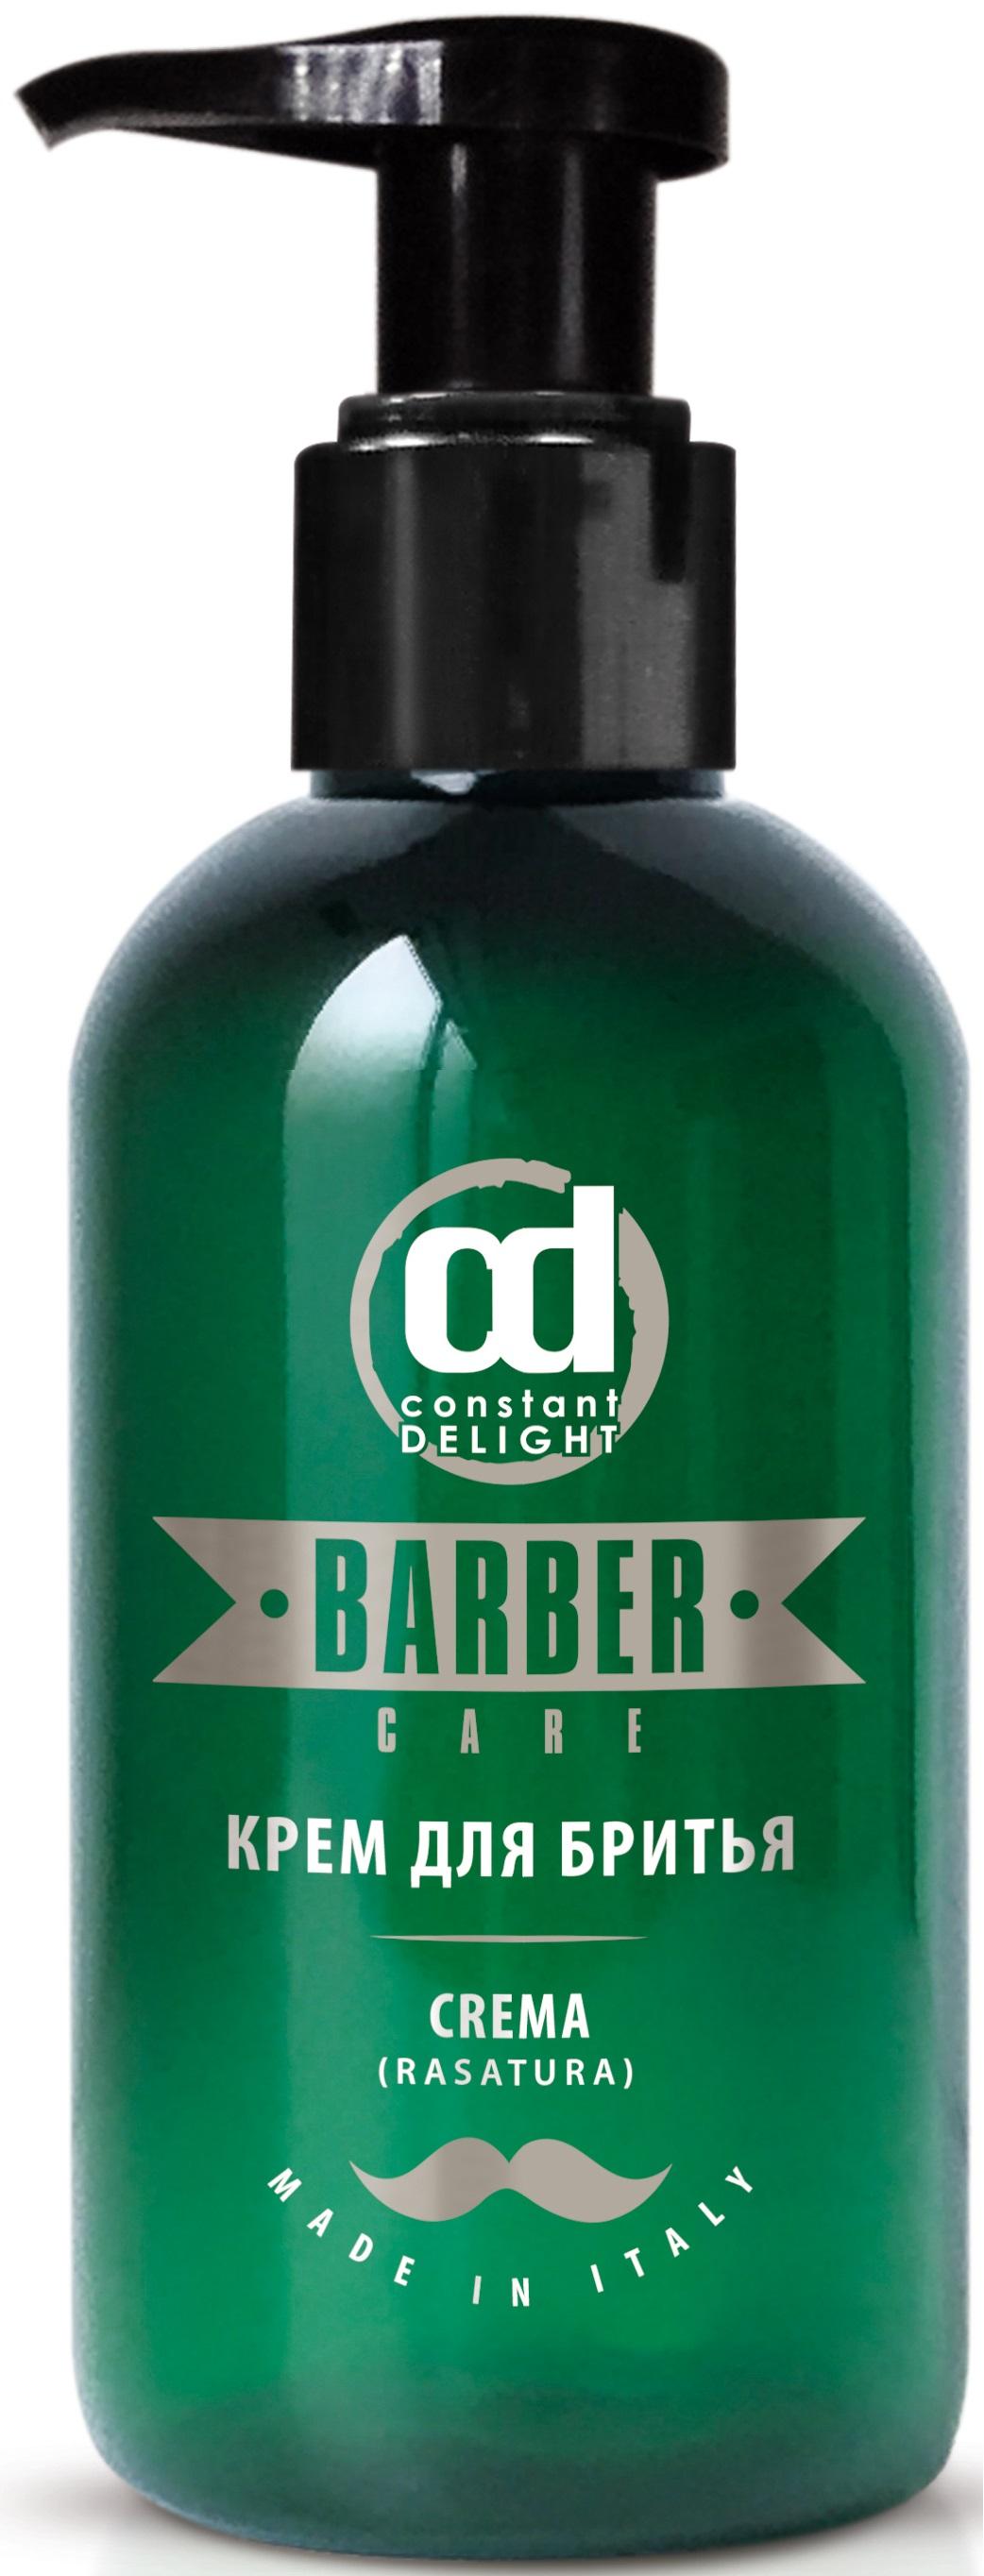 Крем для бритья Constant Delight BARBER CARE 150 мл